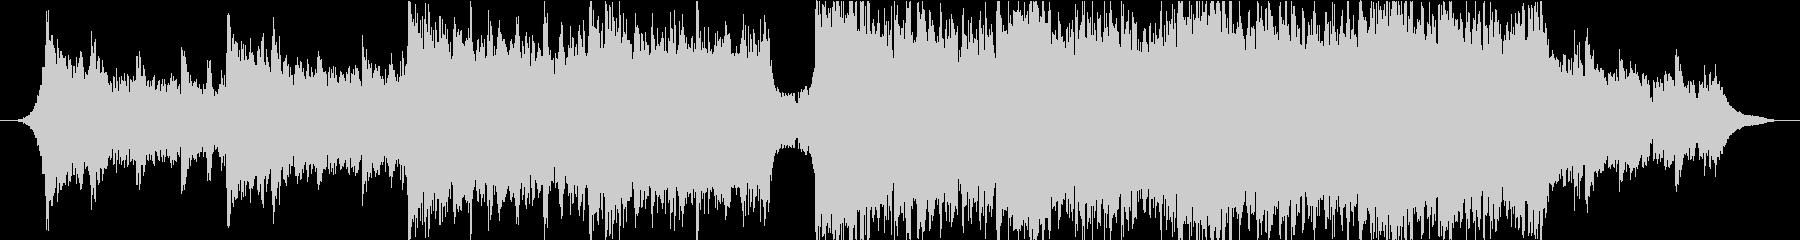 トレーラー向け重厚なオーケストラエピックの未再生の波形